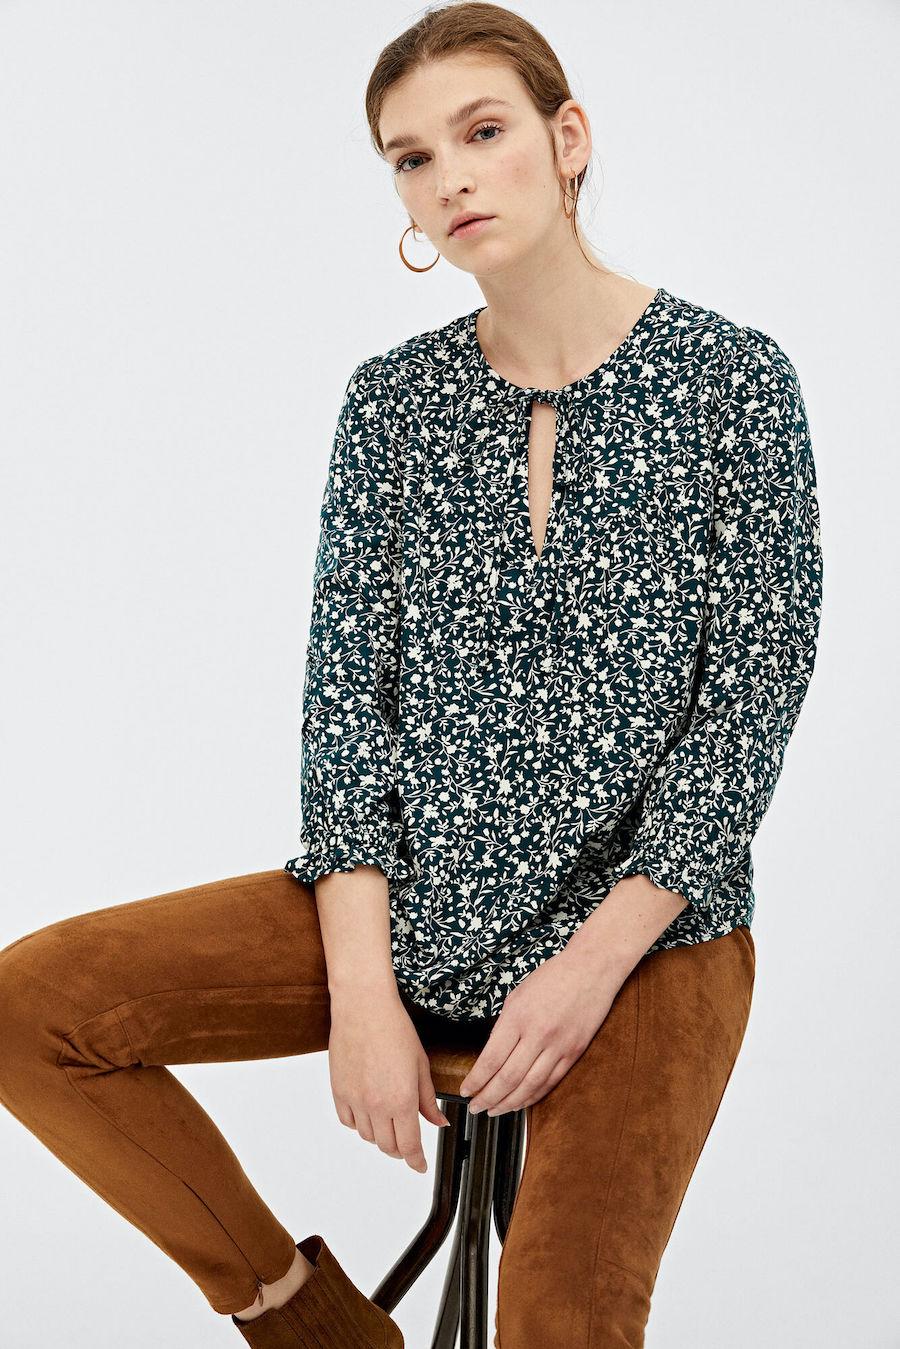 Blusa de manga larga con goma en puños, con escote en pico con detalle de cordón y con estampado de flores.